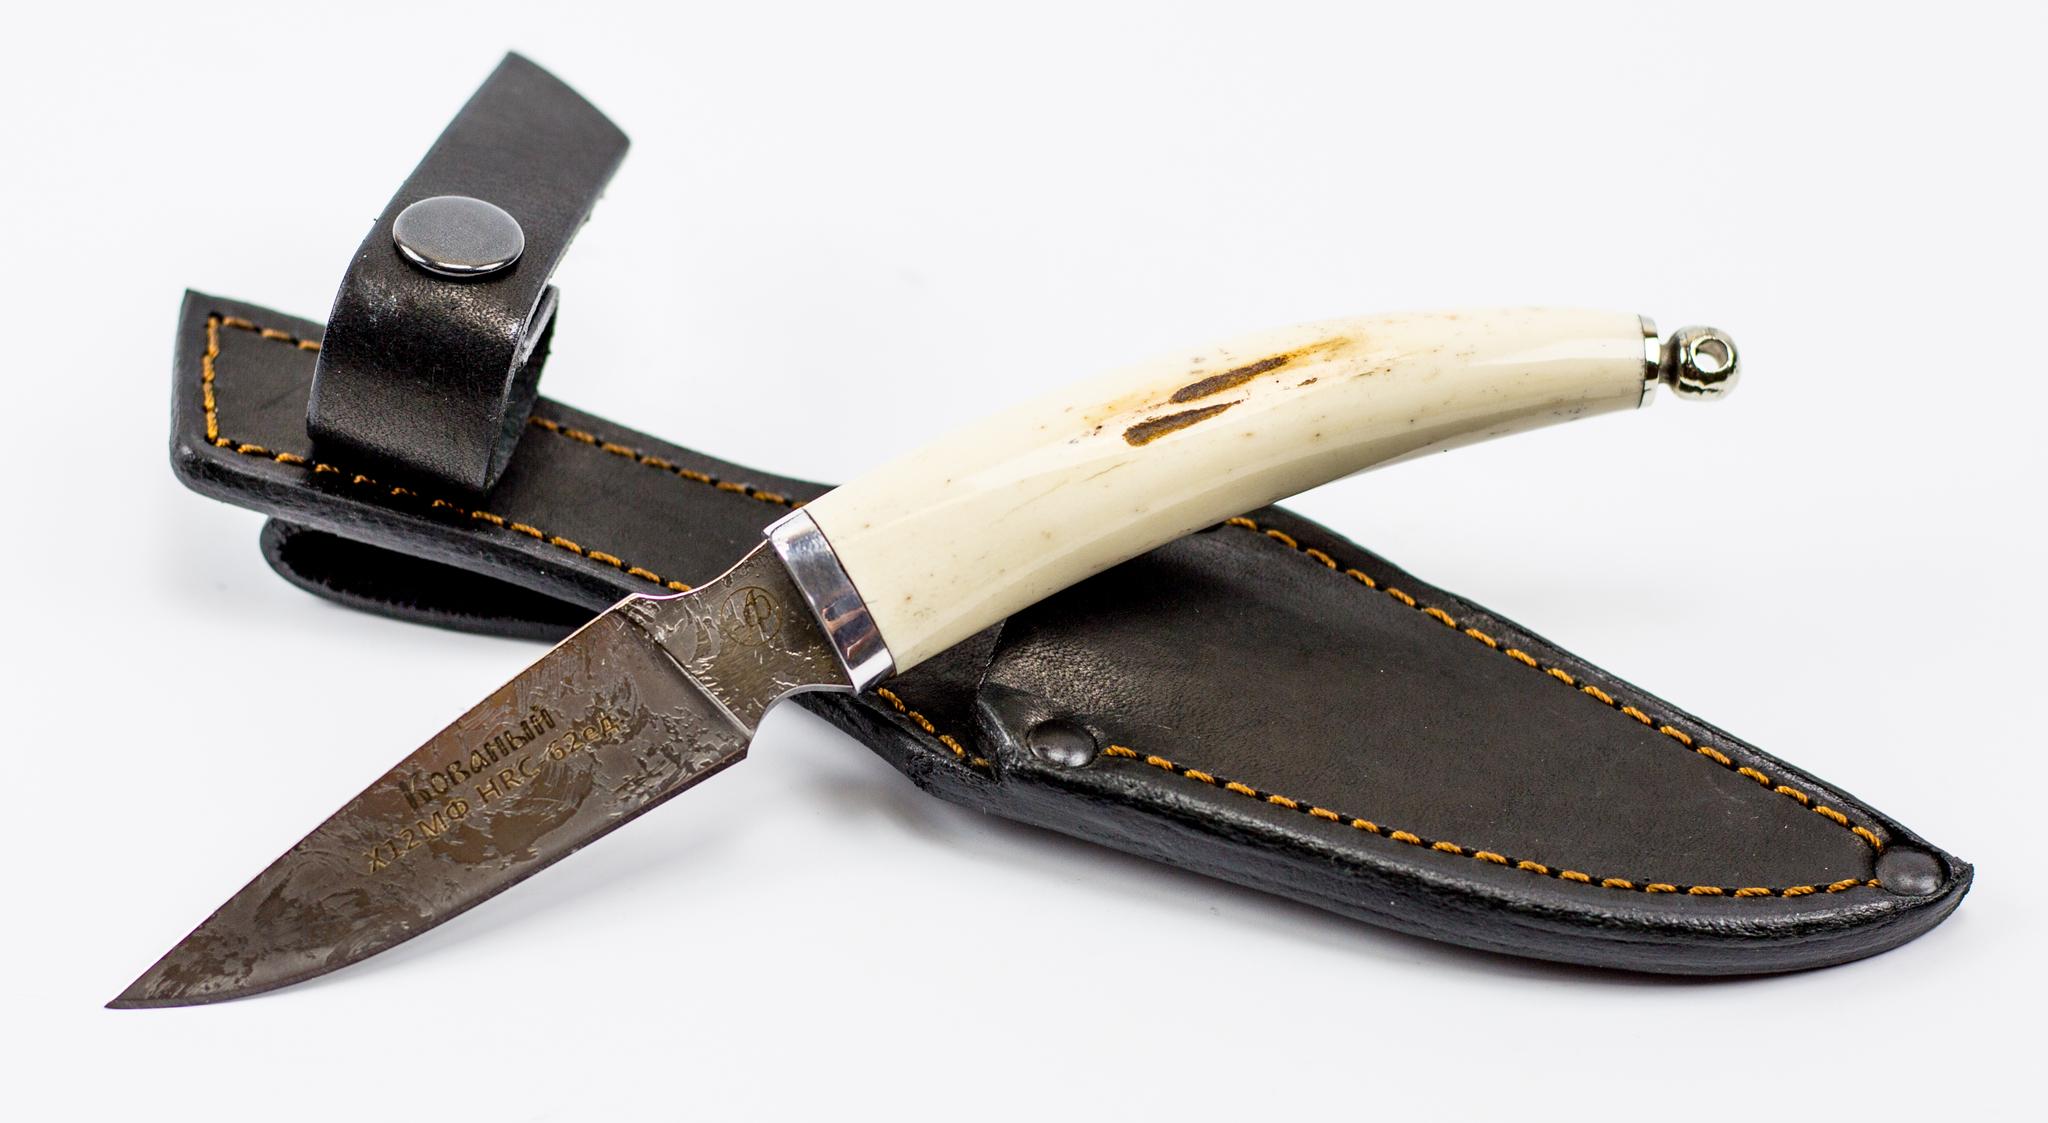 Фото 4 - Нож Рысь малютка, сталь Х12МФ, рог лося от Ножи Фурсач